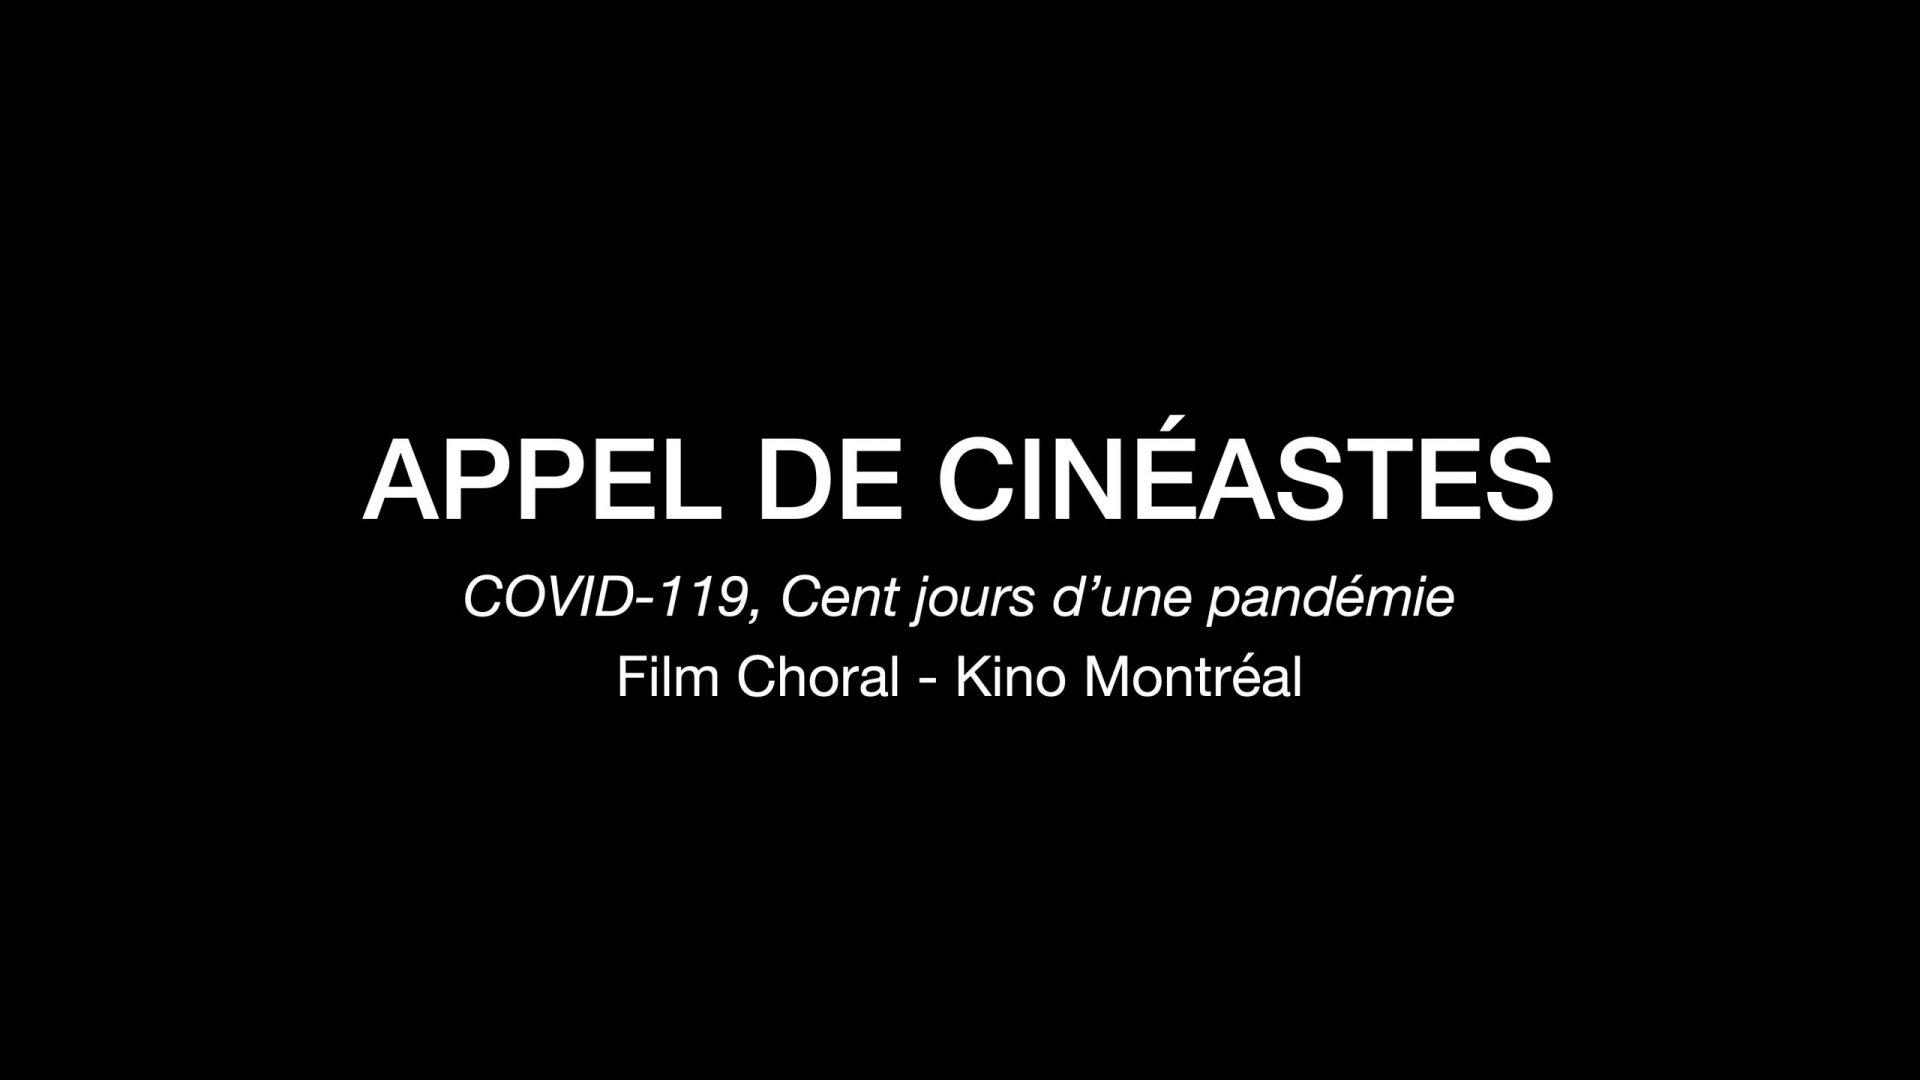 Kino Montréal | Appel de cinéastes pour la réalisation d'un film choral